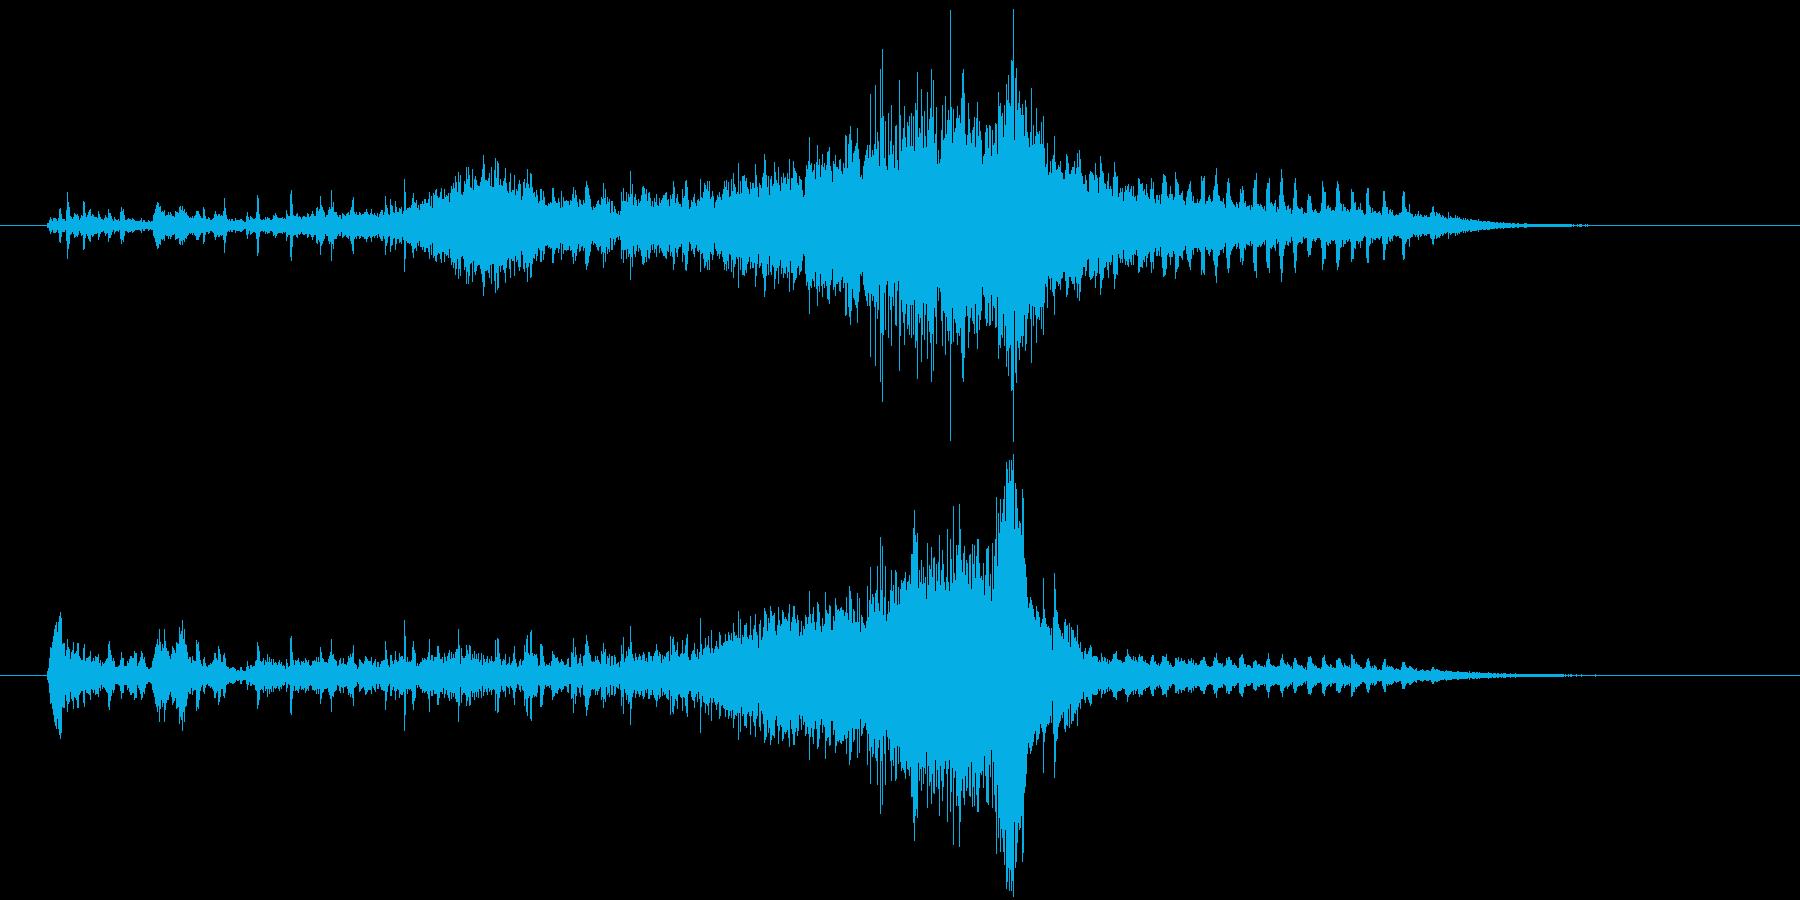 自然の音と電子音が融合したサウンドロゴの再生済みの波形